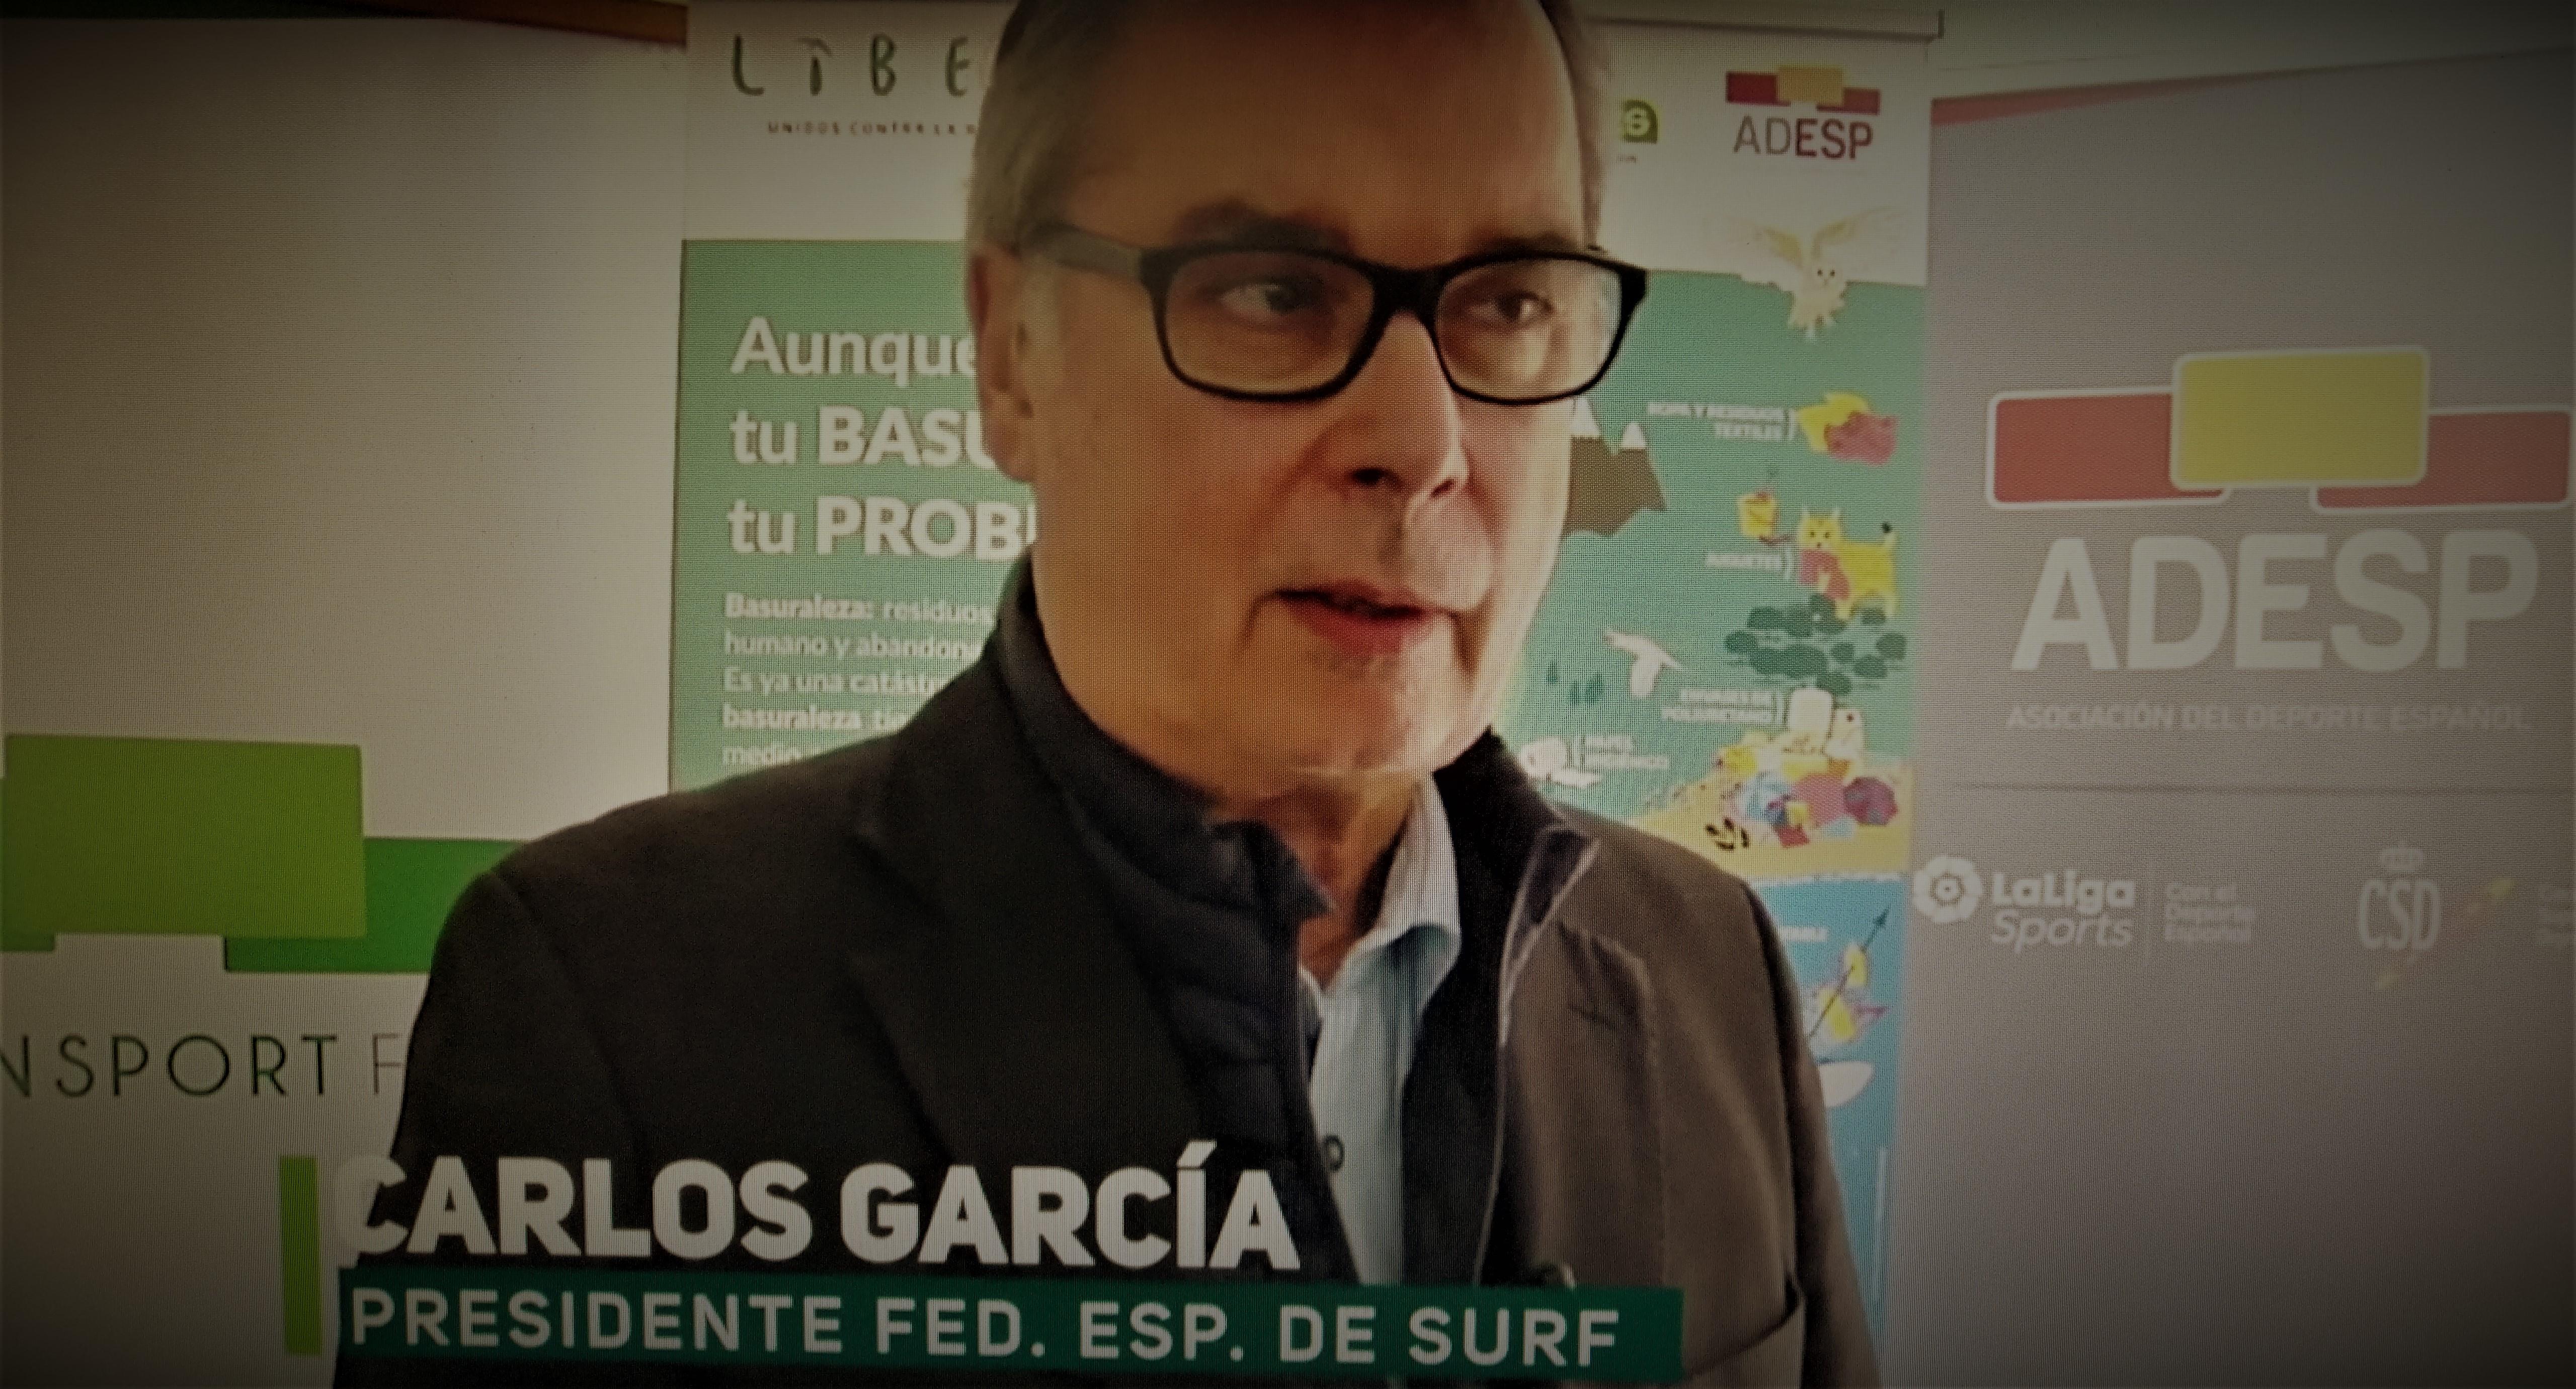 Carlos García, Presidente de la Federación Española de Surfing, en el I SIMPOSIO DE FEDERACIONES DE DEPORTES DE AGUA